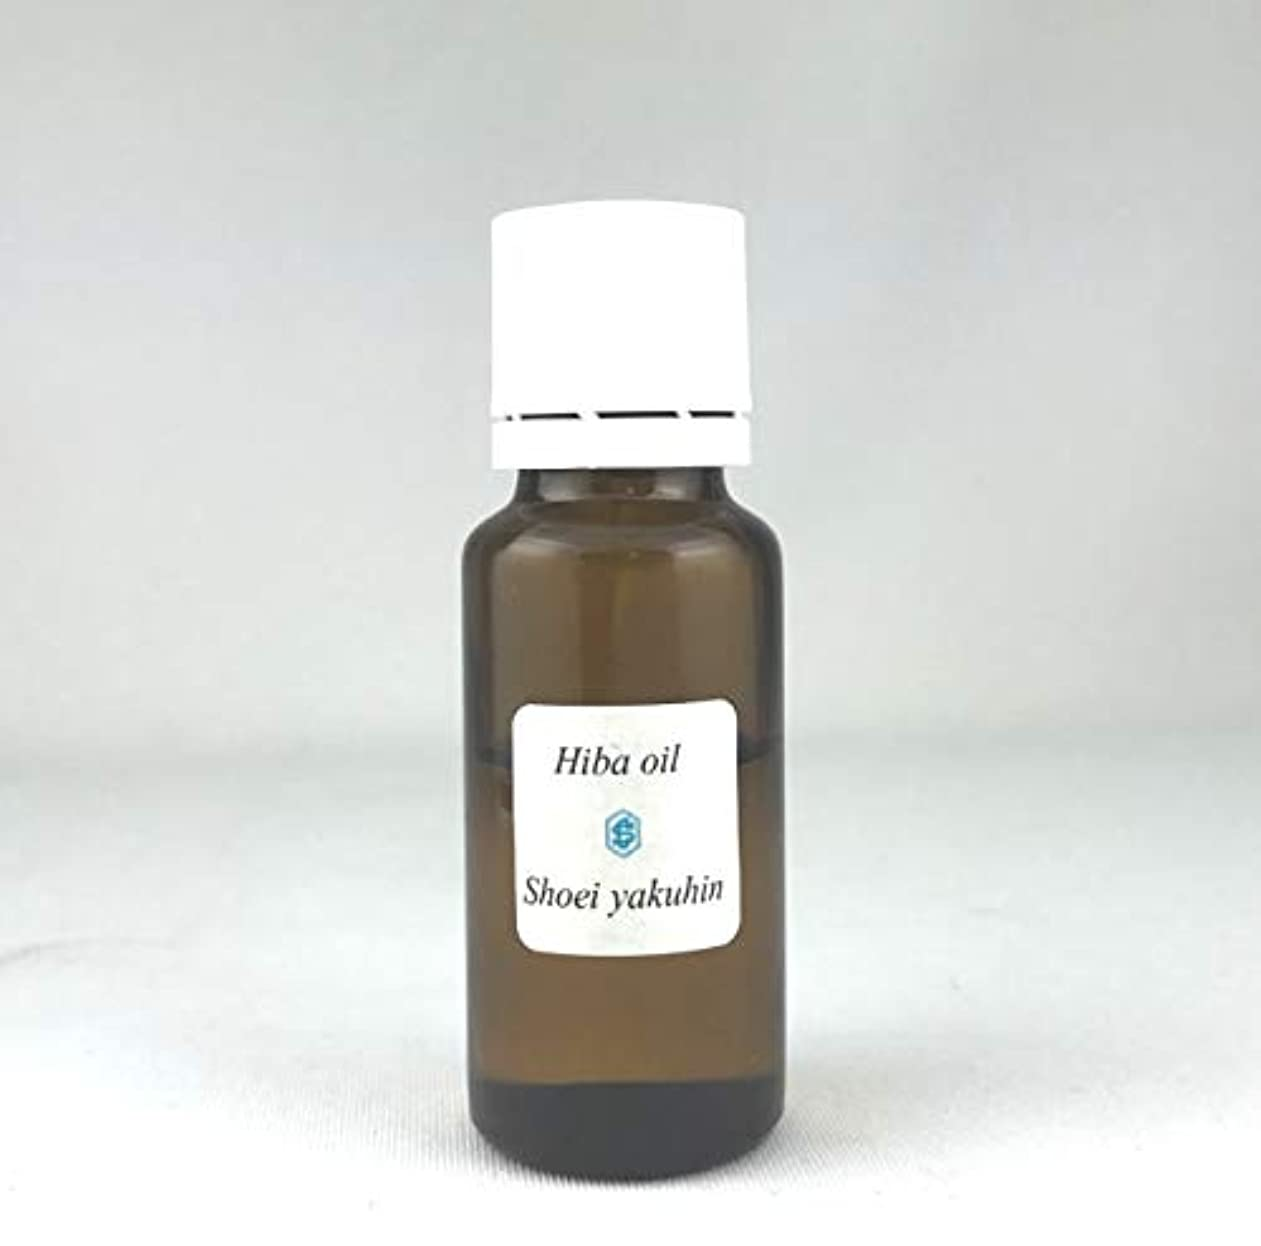 解凍する、雪解け、霜解け裏切るますます昭栄薬品 天然青森産 ヒバ油 20ml 送料無料